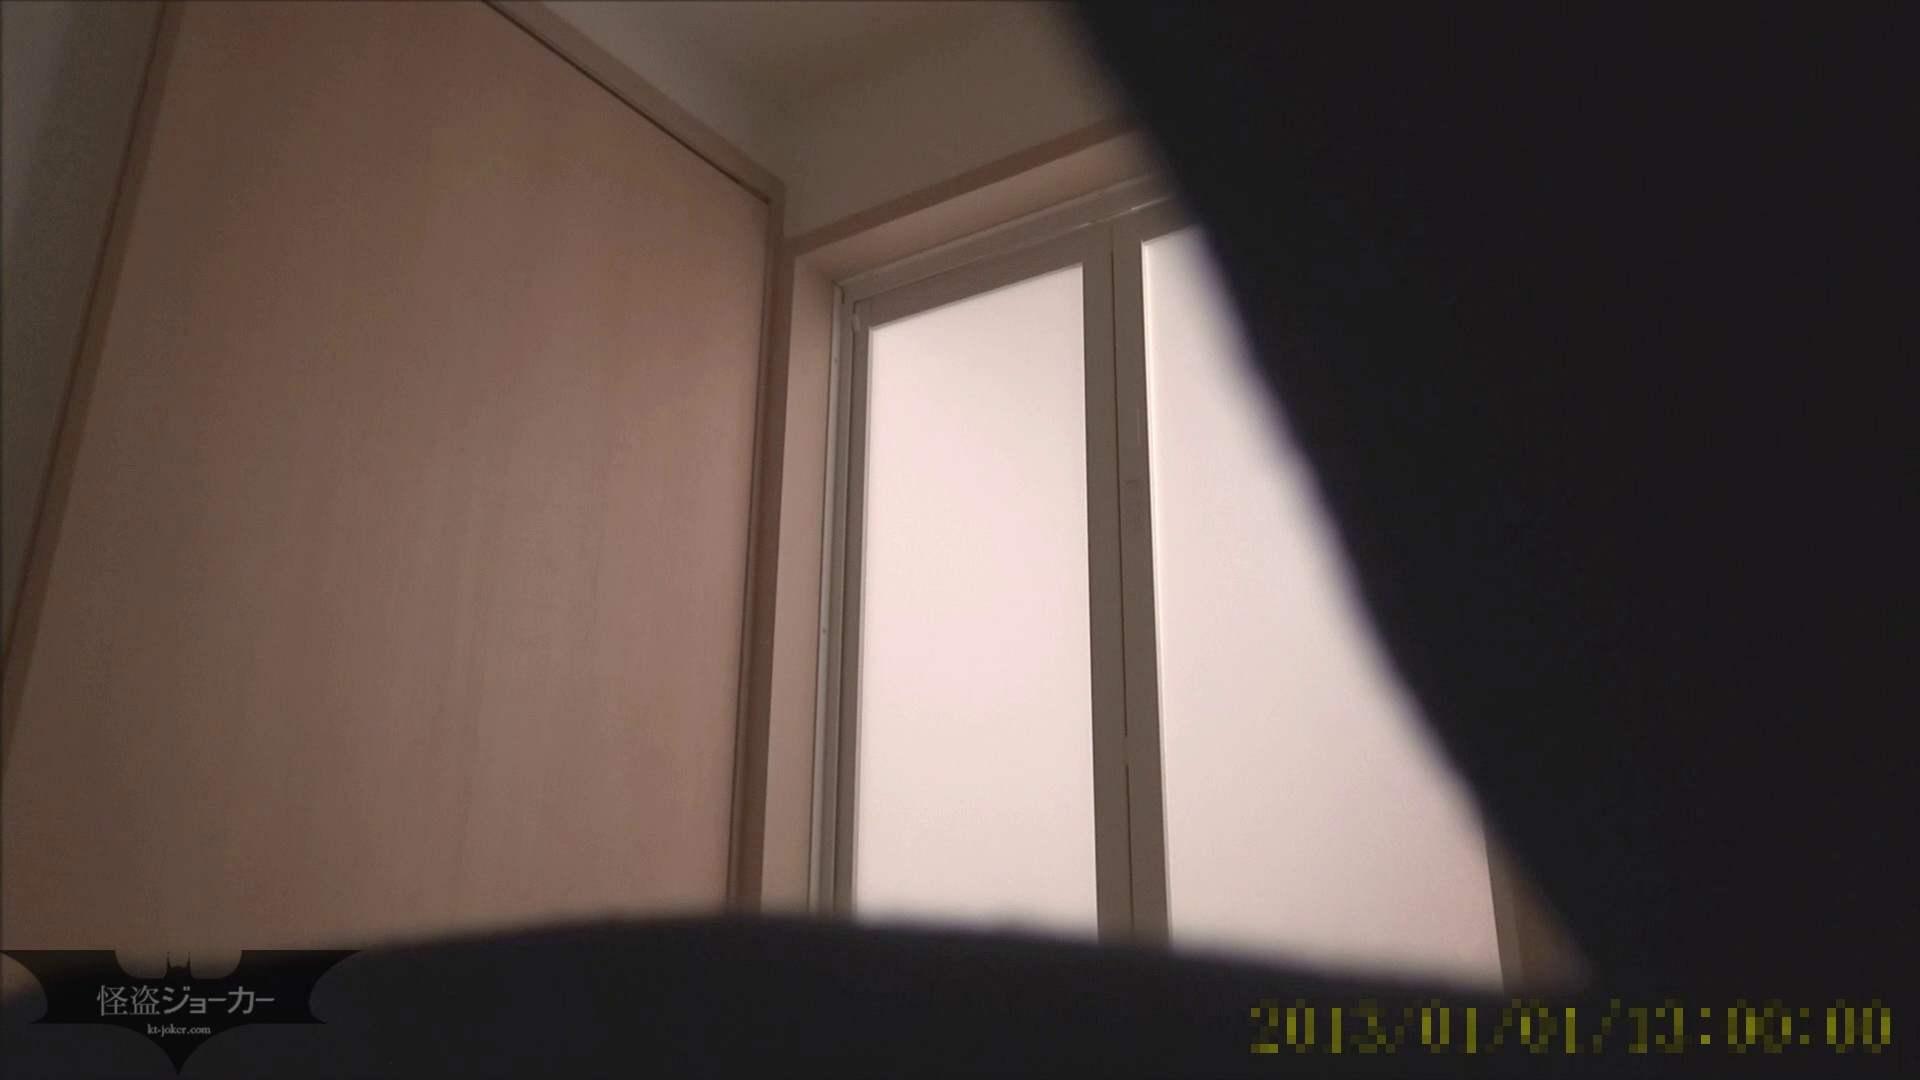 トイレ盗撮|【未公開】vol.103  {黒髪→茶髪ボブに変身}美巨乳アミちゃん④【前編】|怪盗ジョーカー